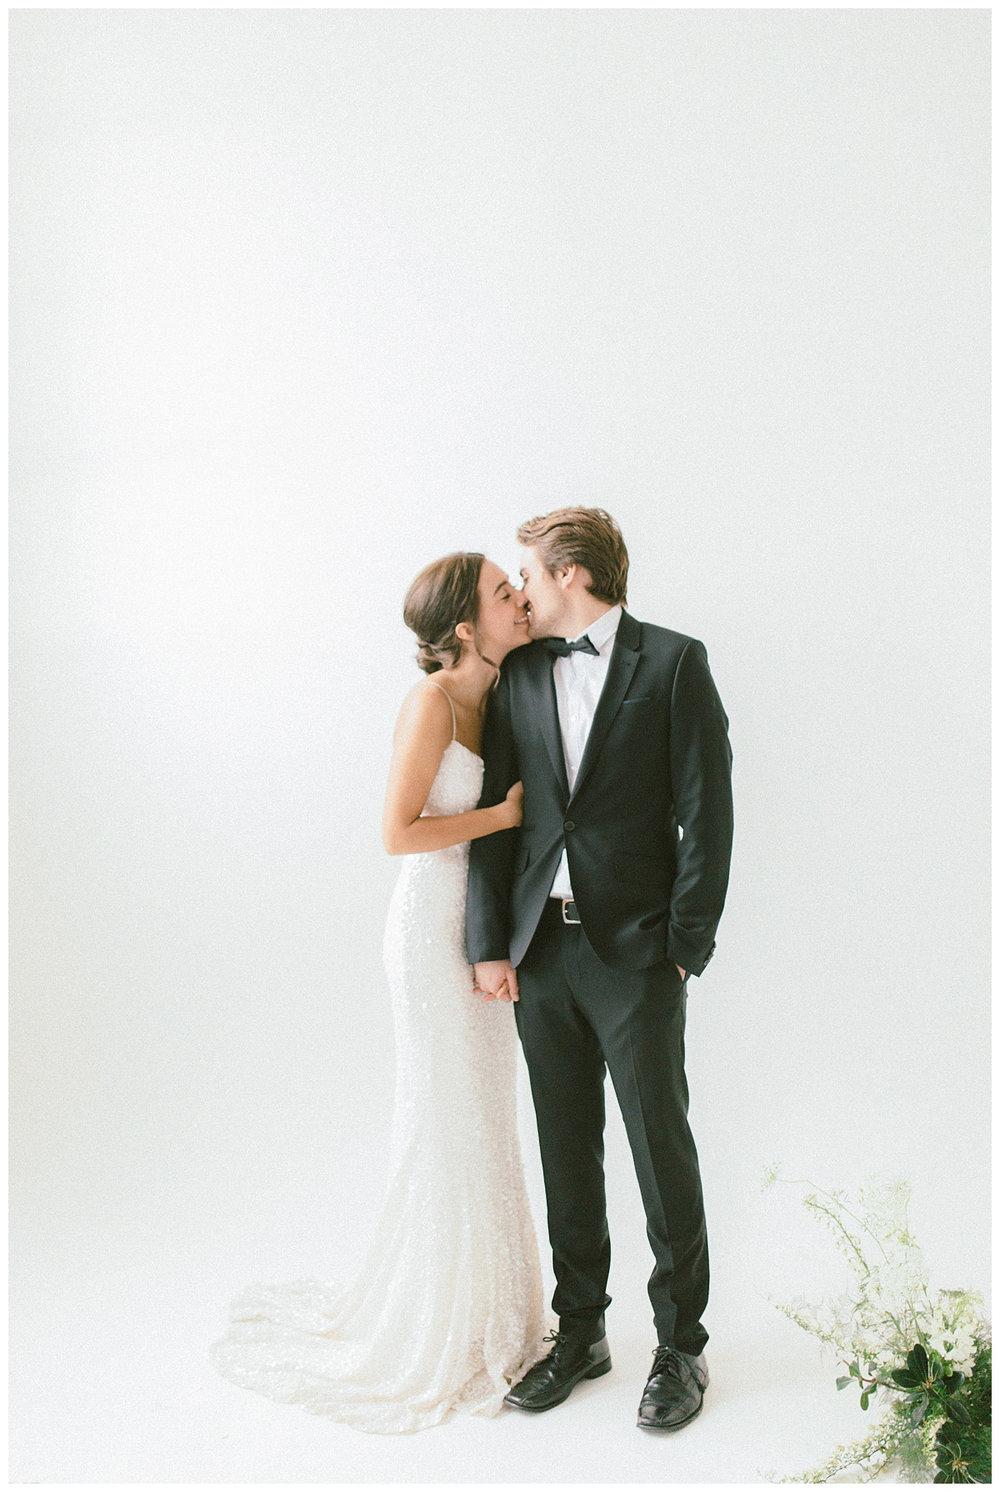 Hong Kong Fine Art Wedding Prewedding Photographer Mattie C. 00088.jpg